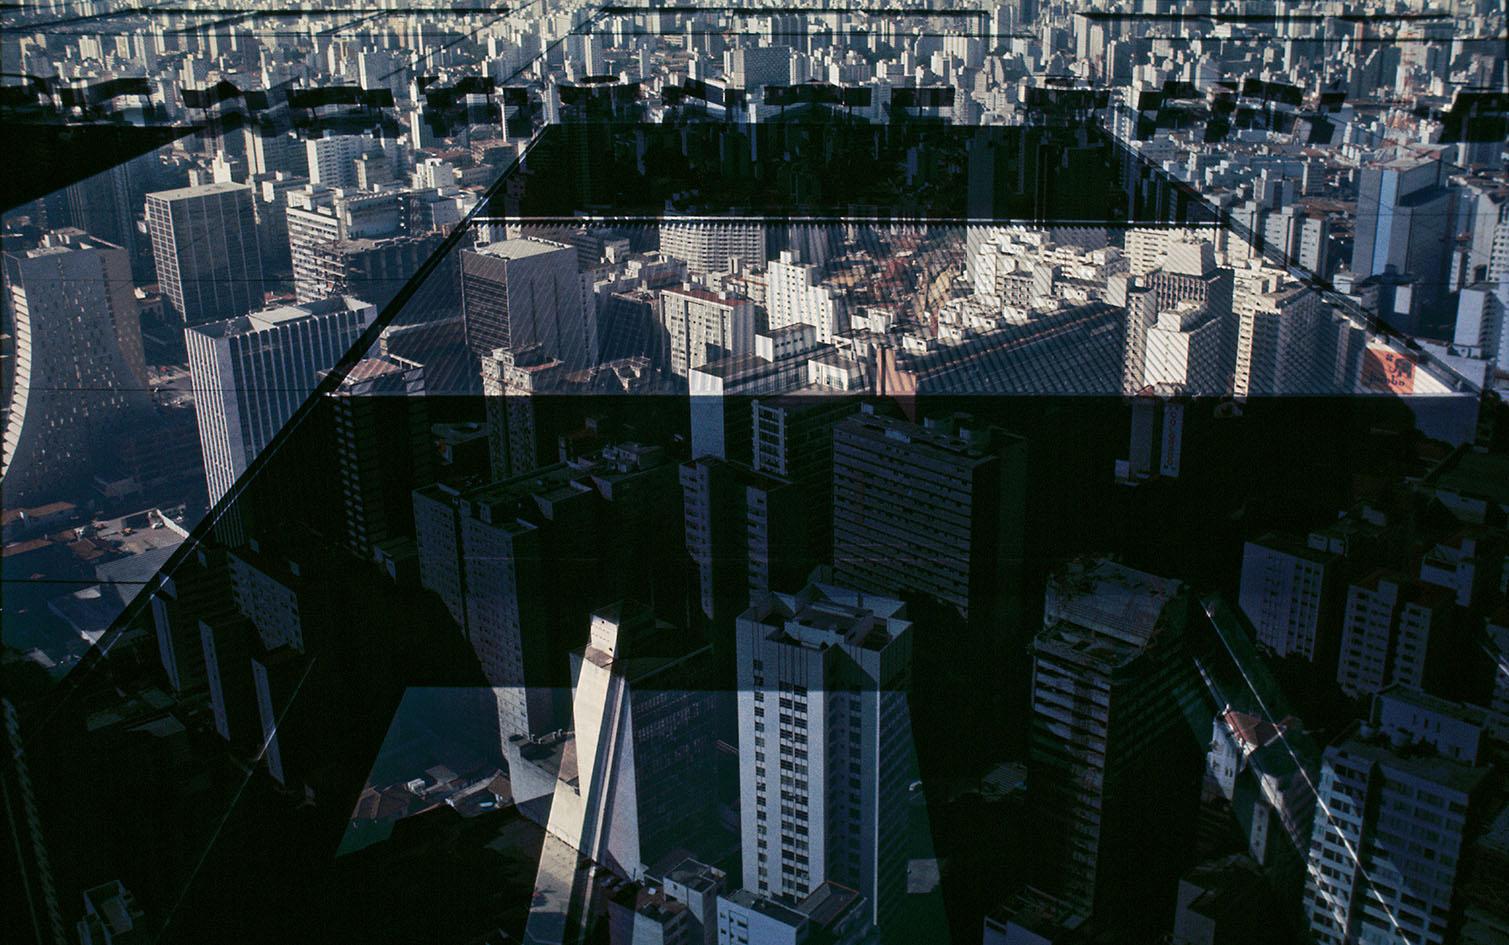 São Paulo aéreas_PF14